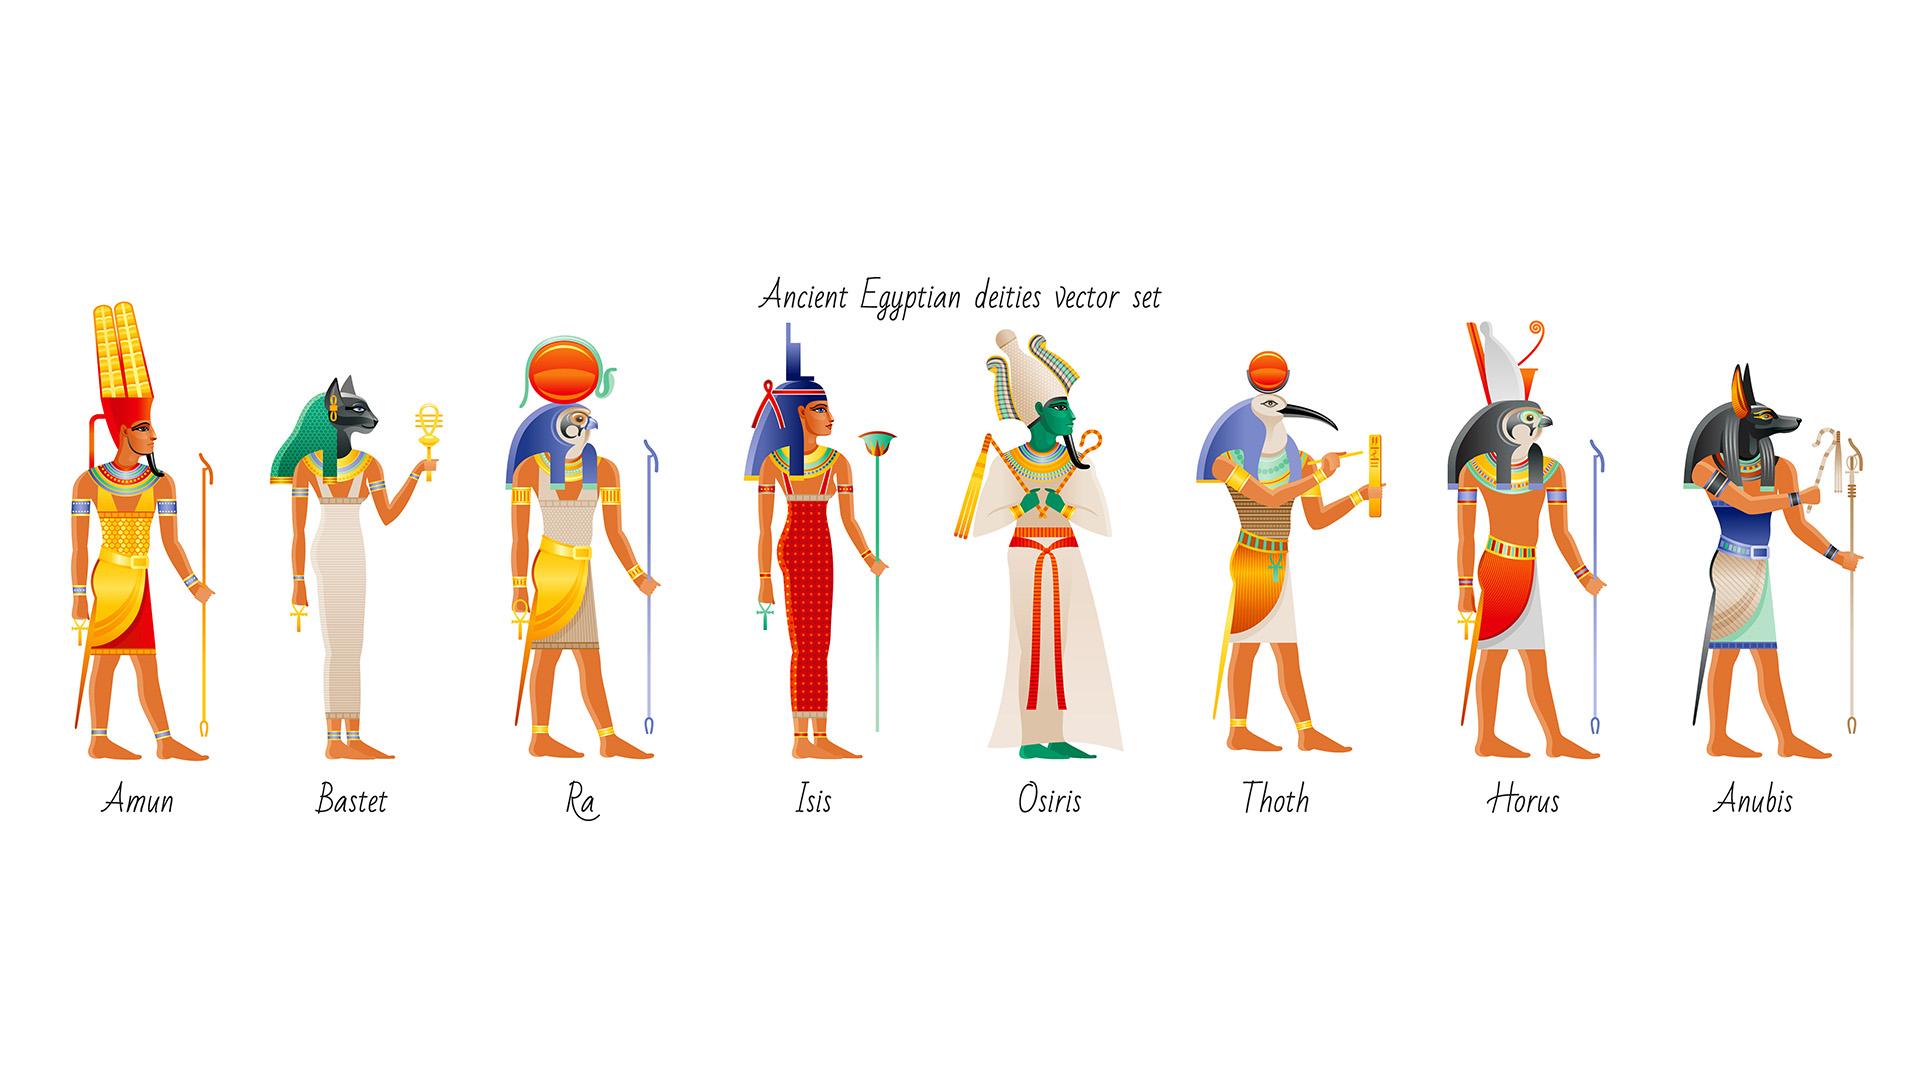 anubisz bajkeverés básztet bátorság boszorkányok egyiptomi horoszkóp ezotéria gyógyítás háború istene horoszkóp hórusz mágusok megoldóemberek szahmet szenvedély széth thoth ványik dóra